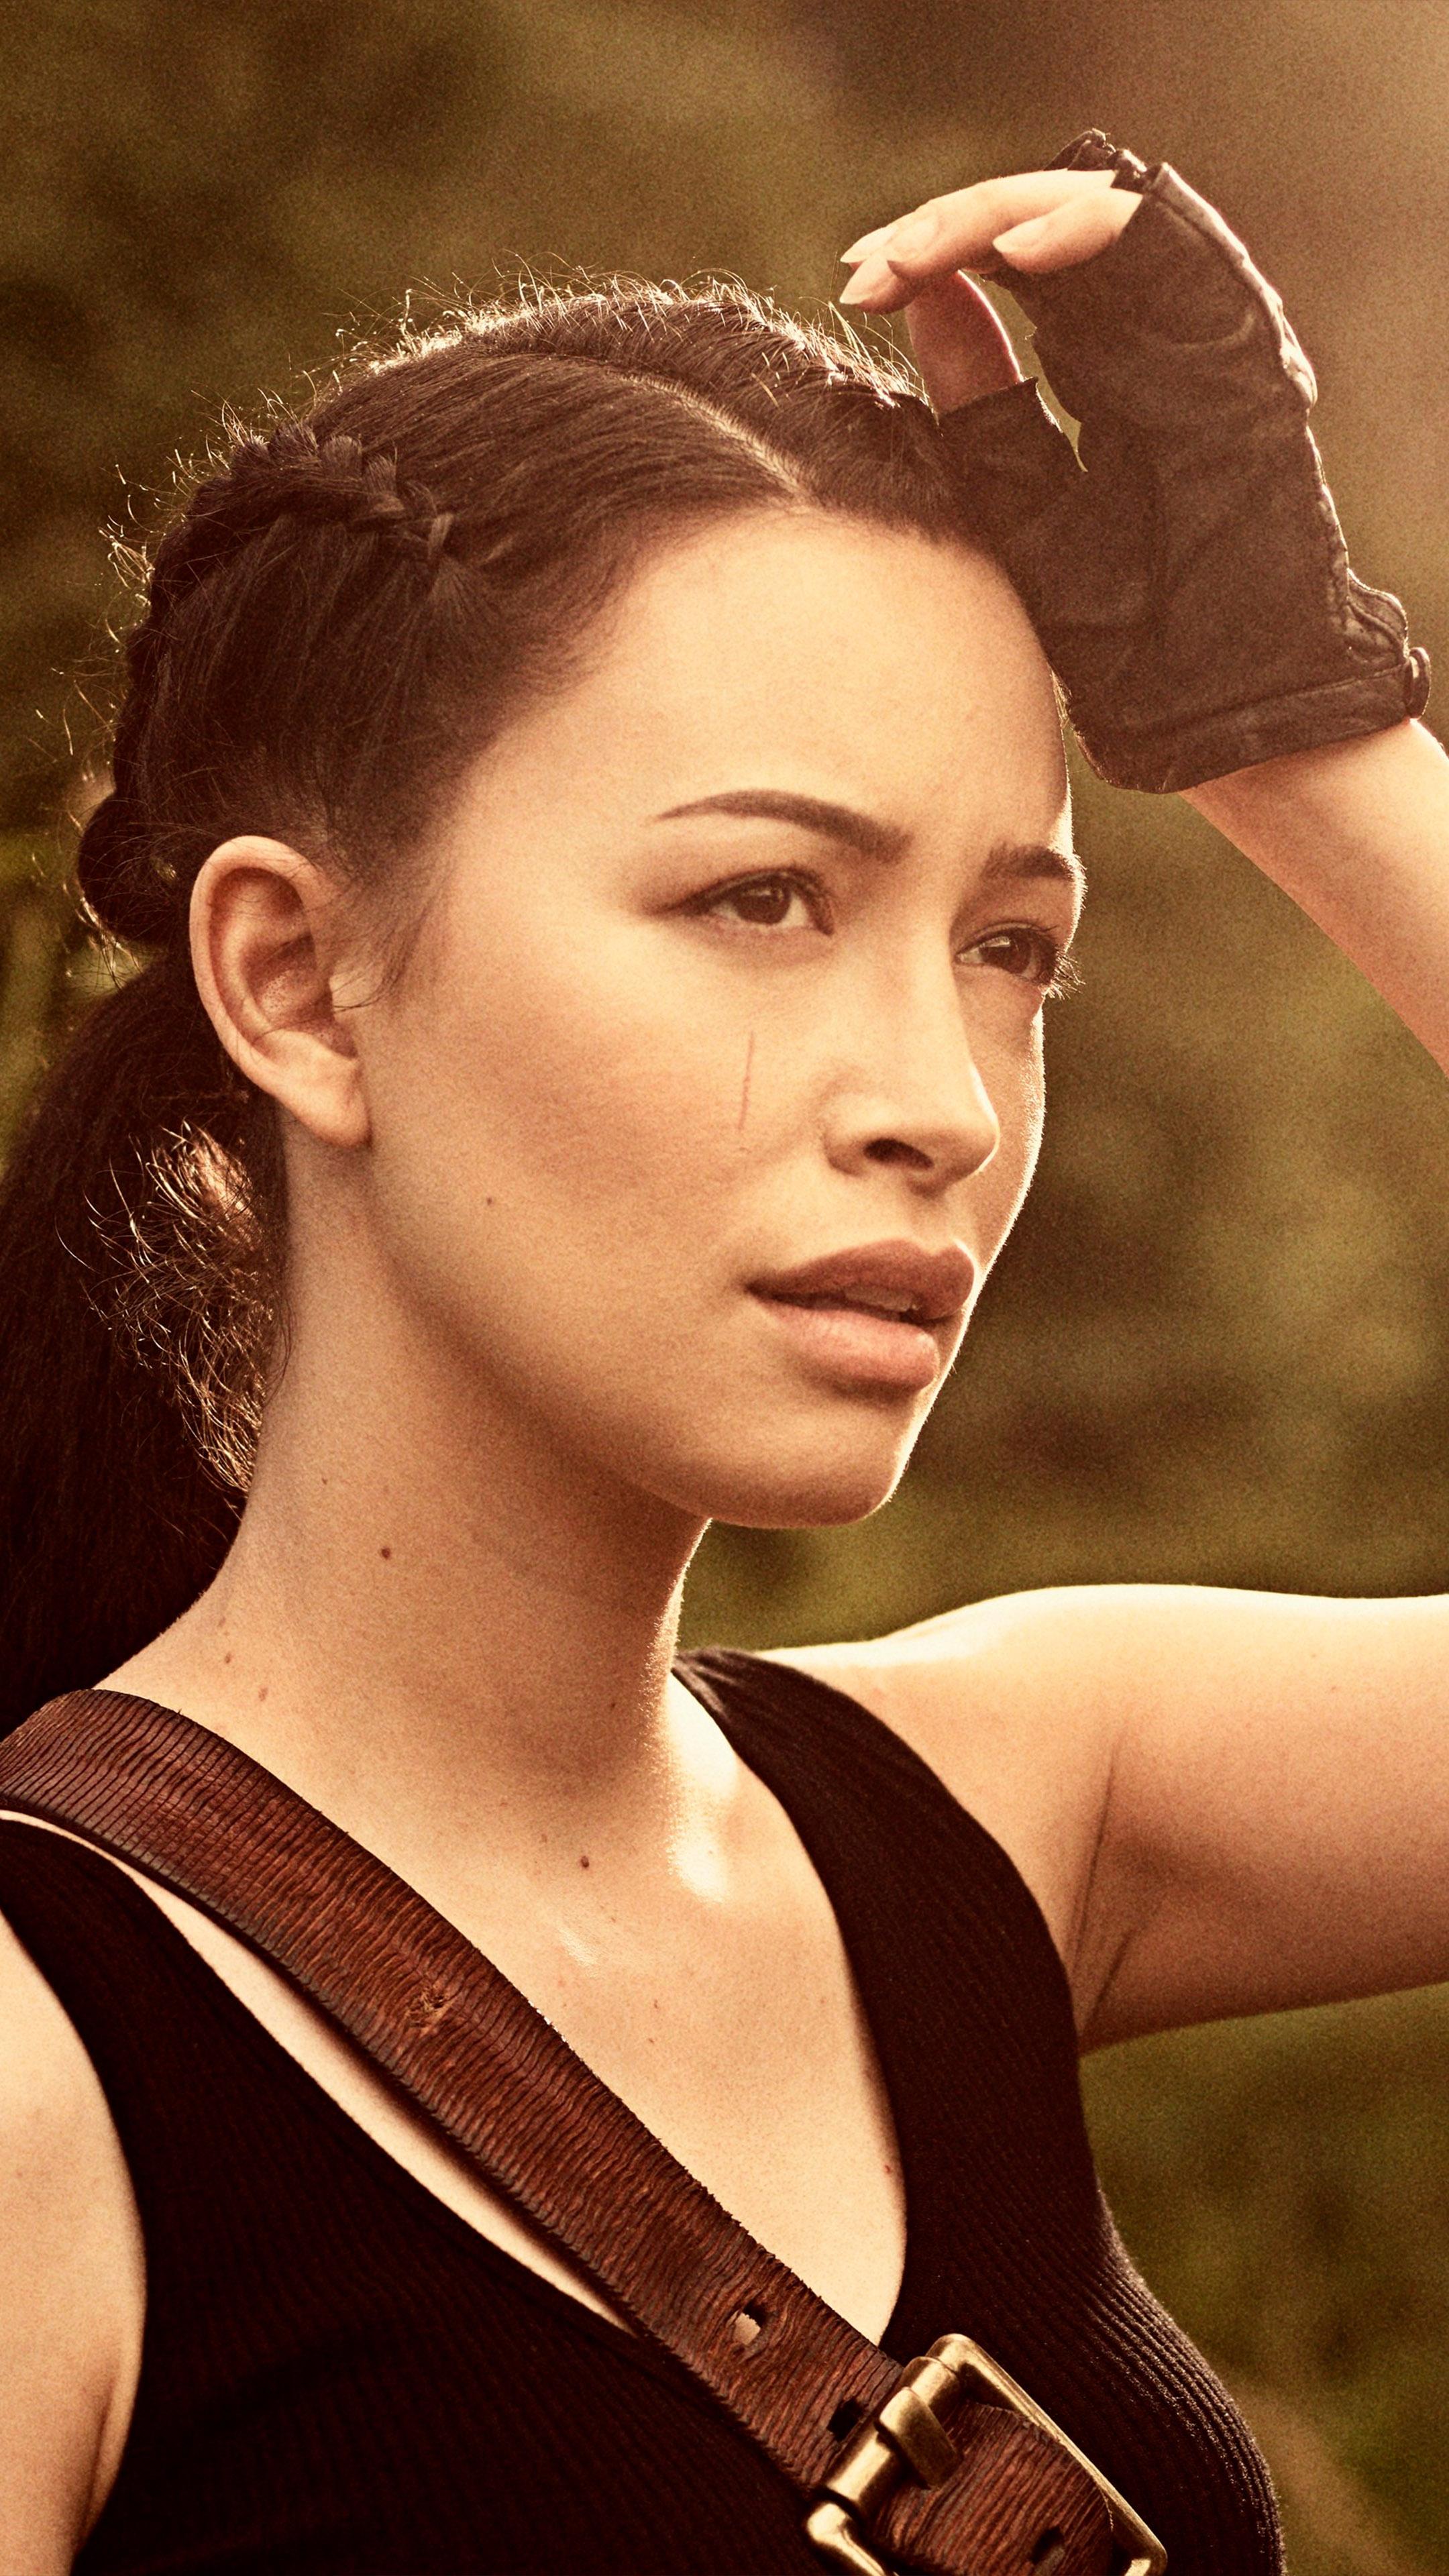 Rosita Espinosa In The Walking Dead Season 9 Free 4k Ultra Hd